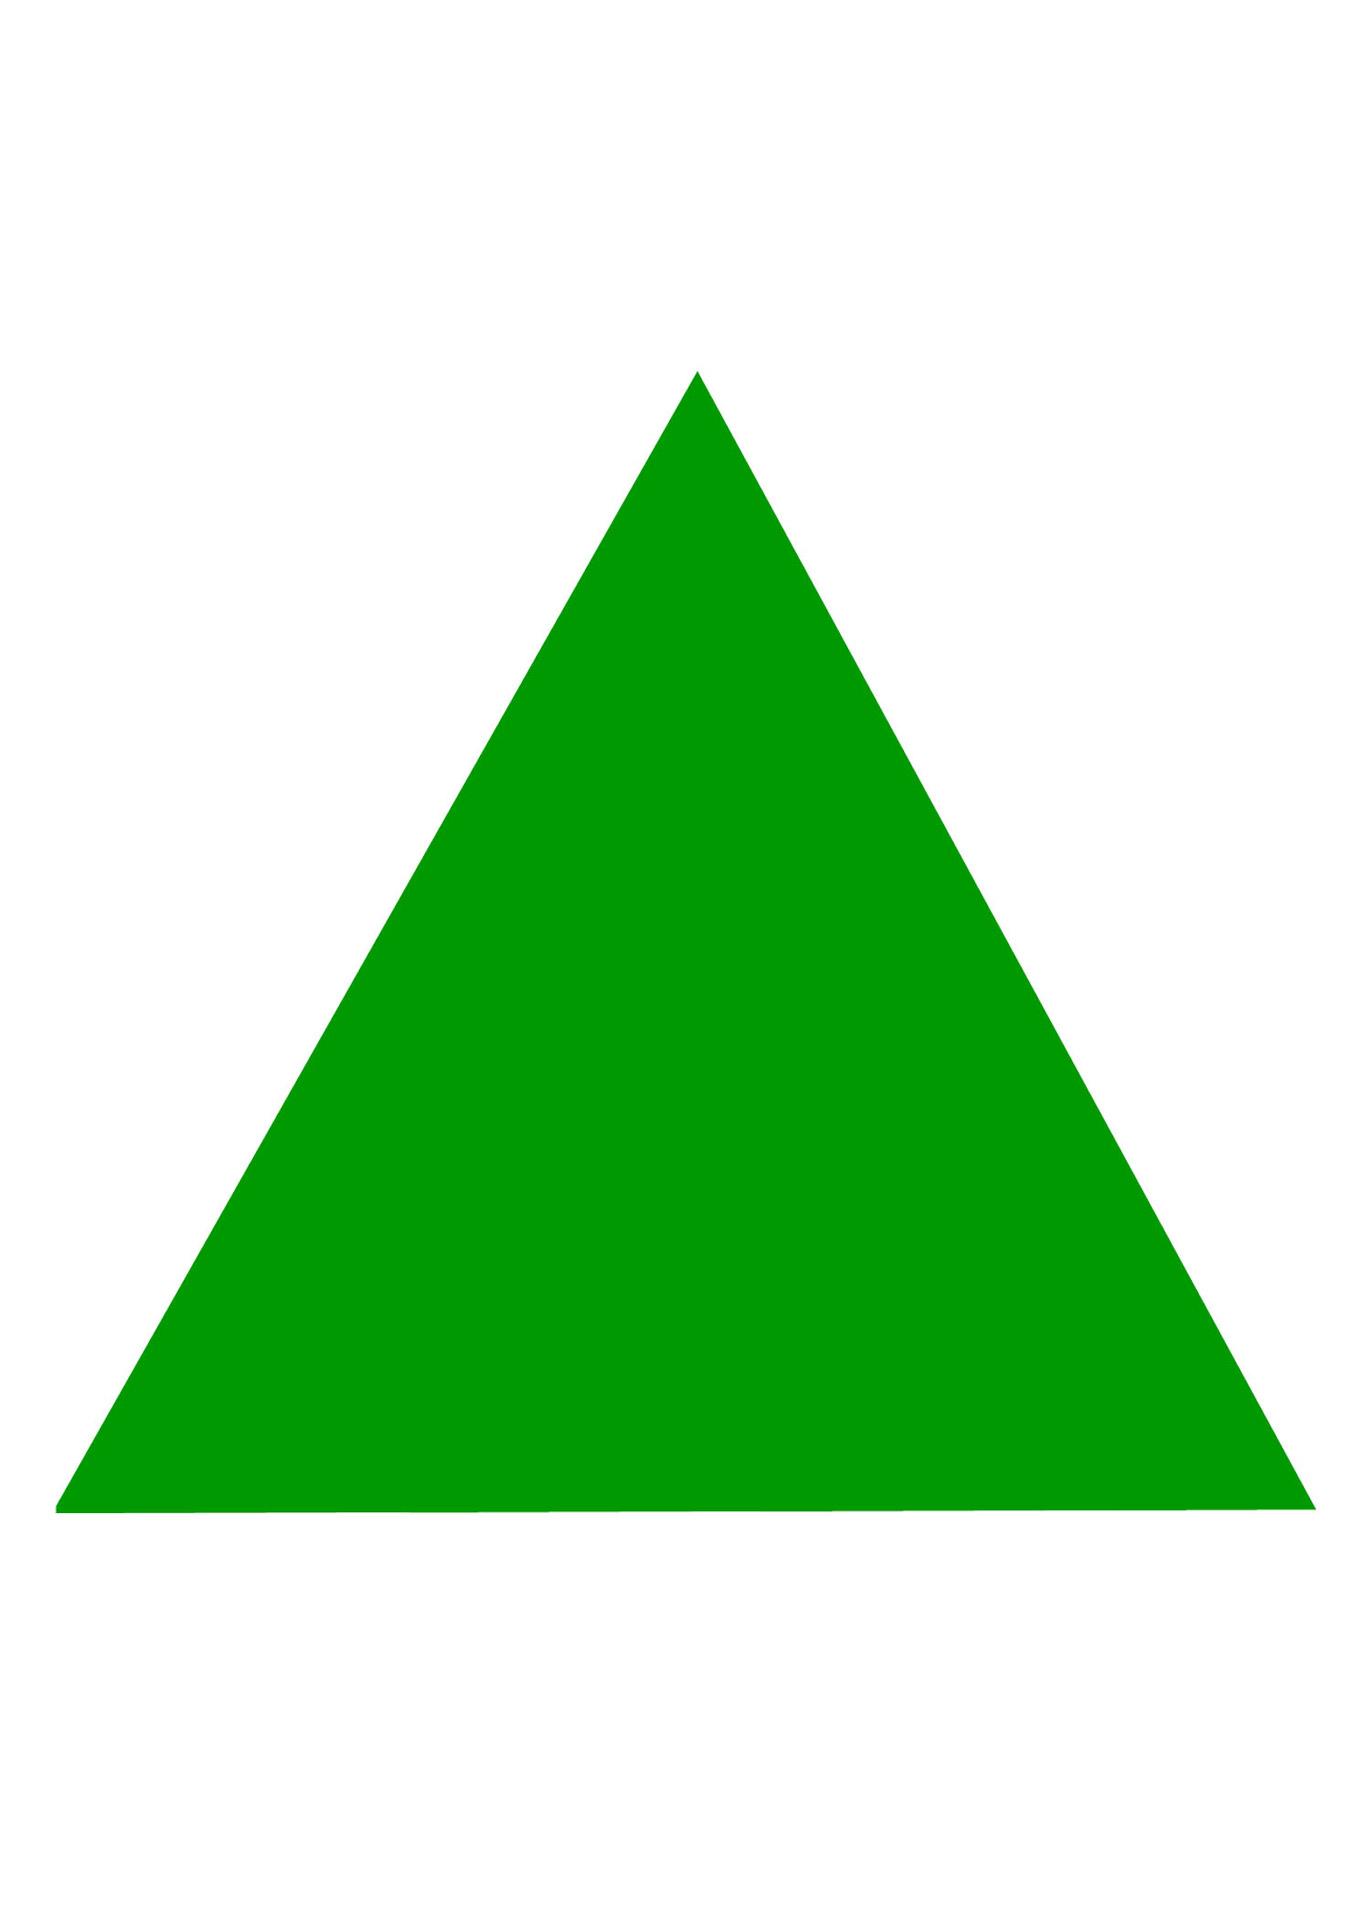 Basic Triangle Shape Free Stock Photo